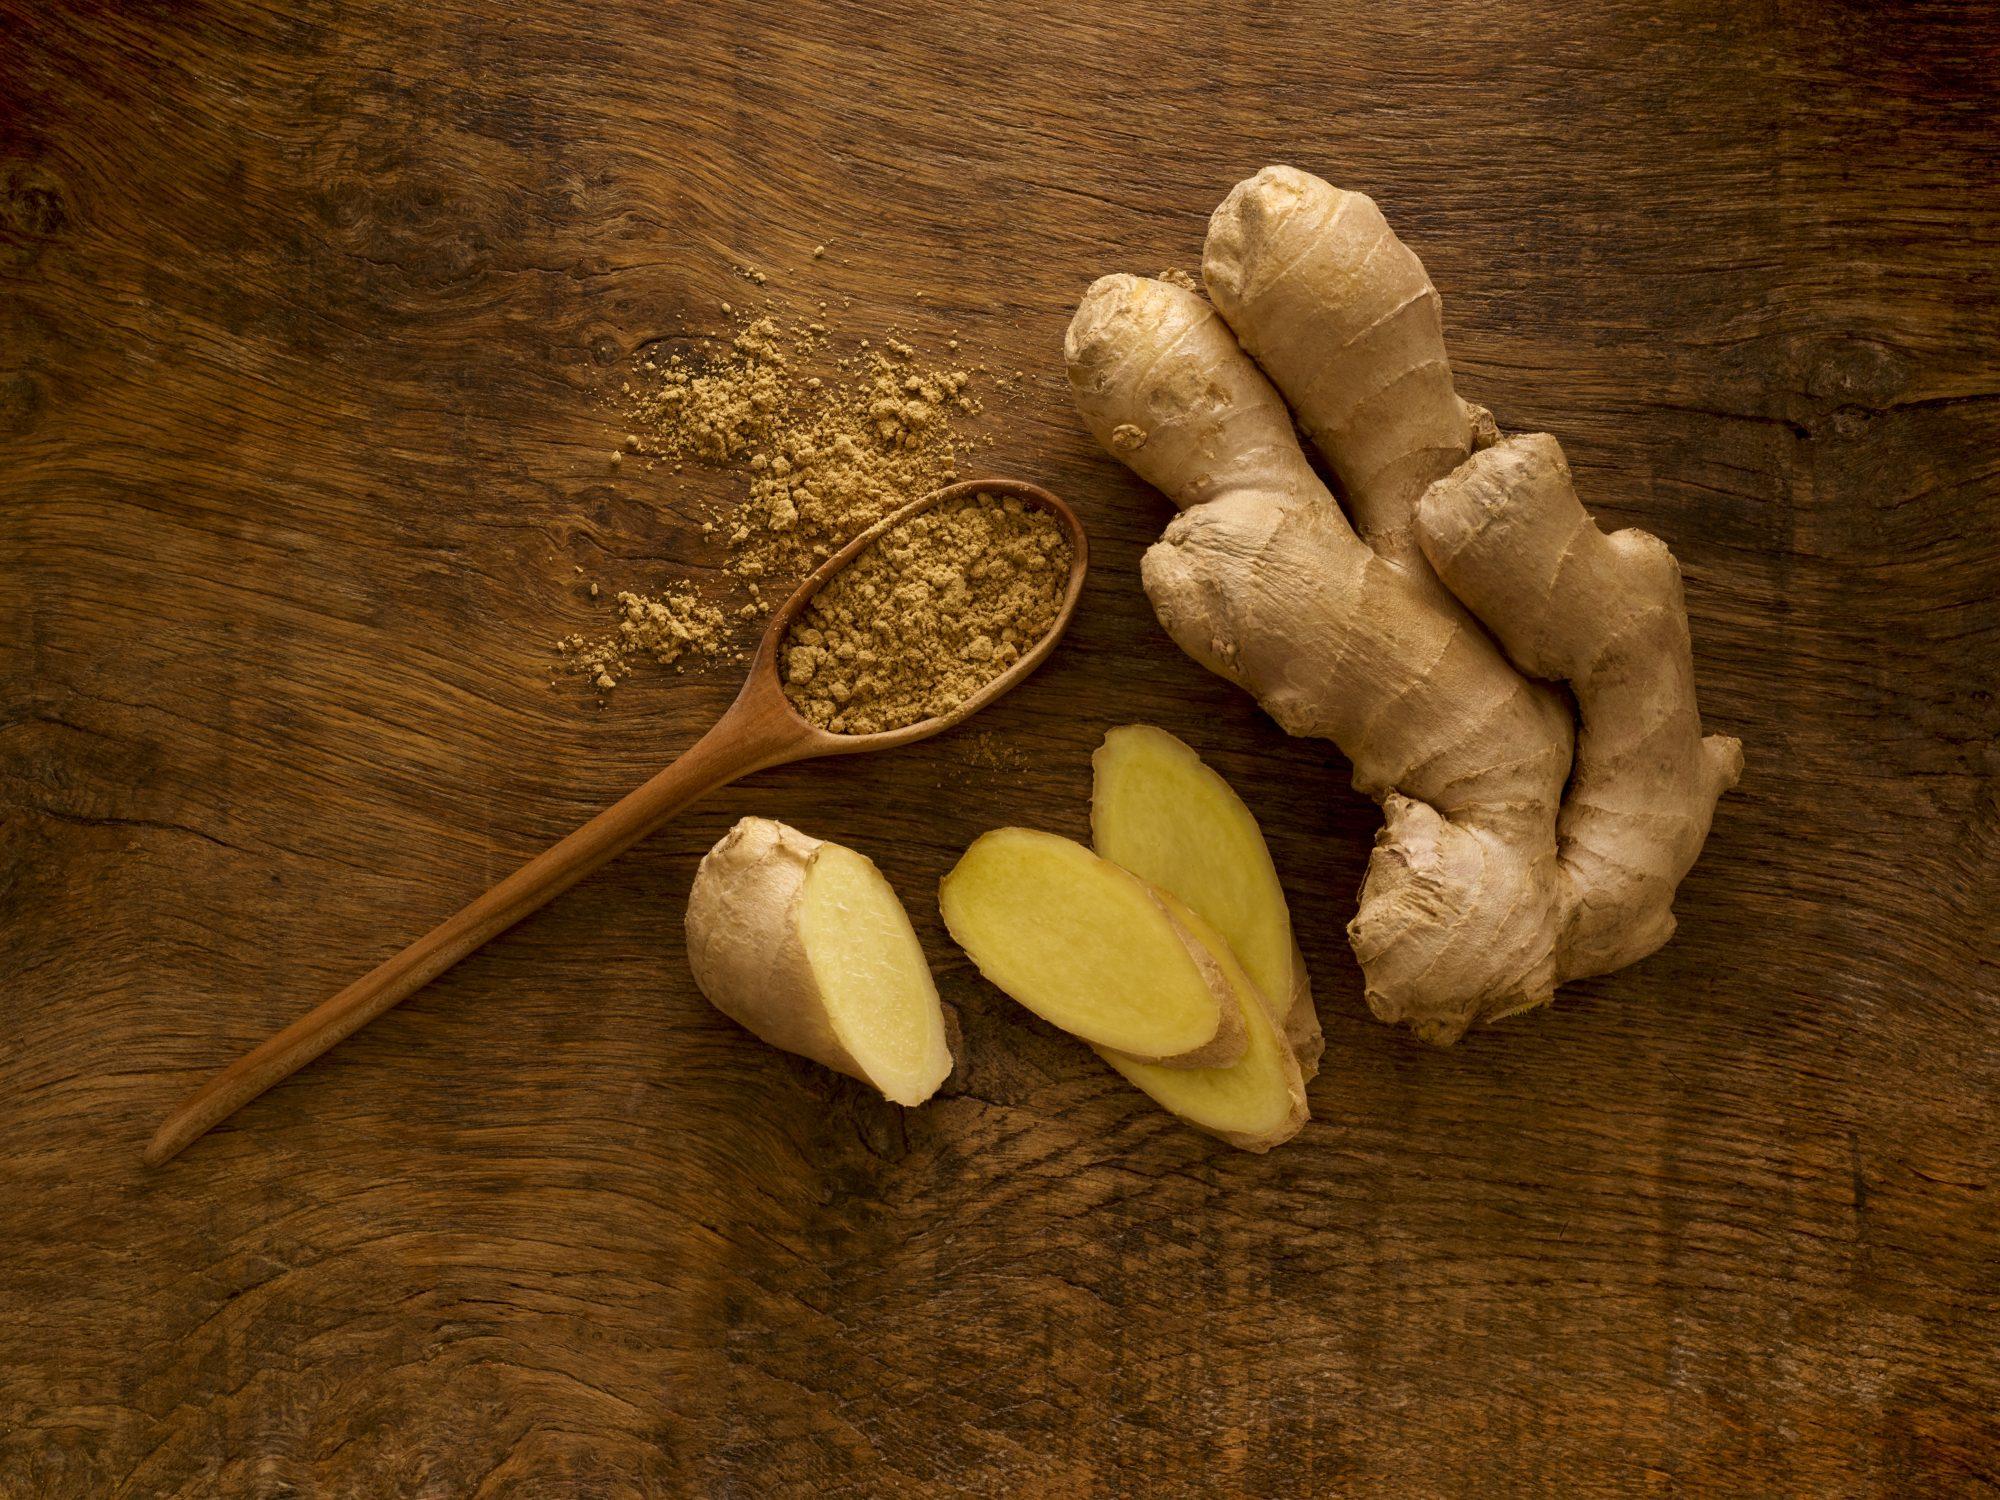 Garlic Getty 6/29/20